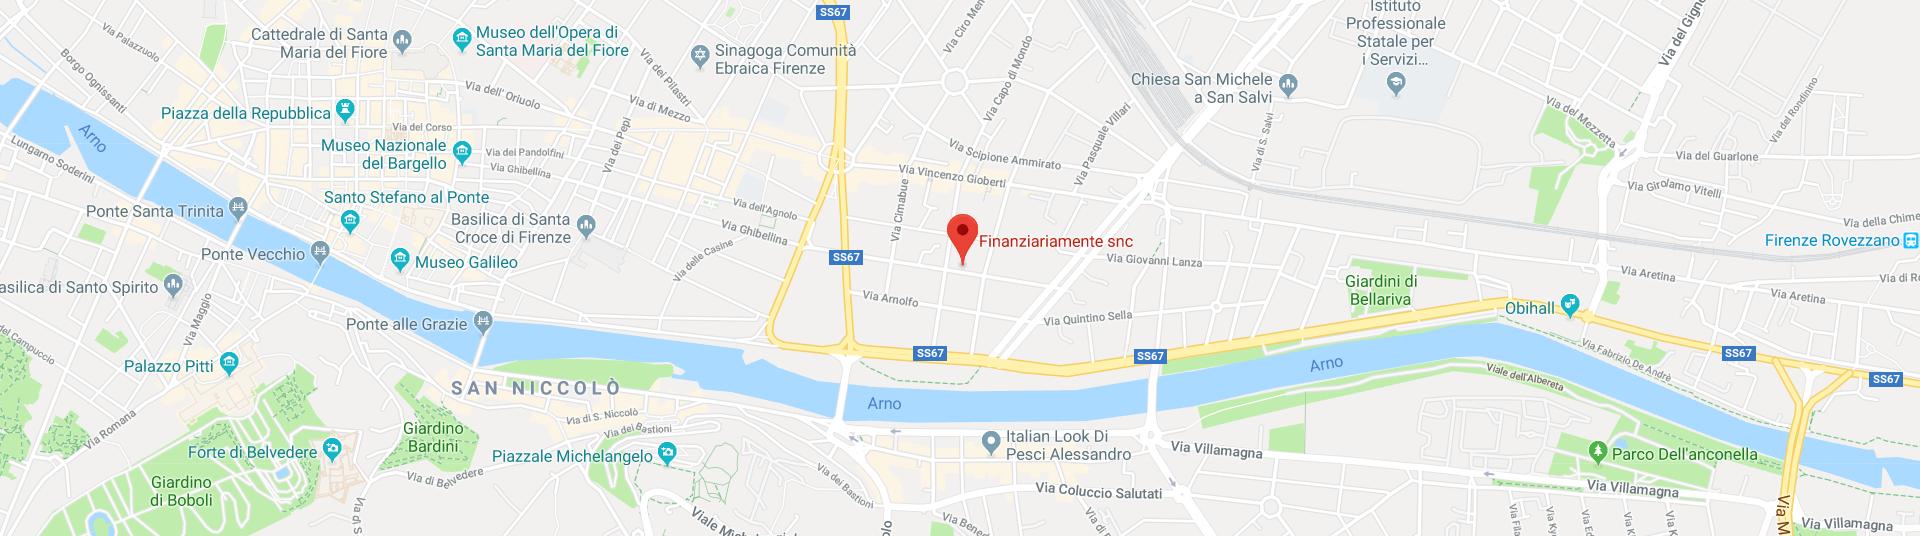 Finanziariamente – Google Map